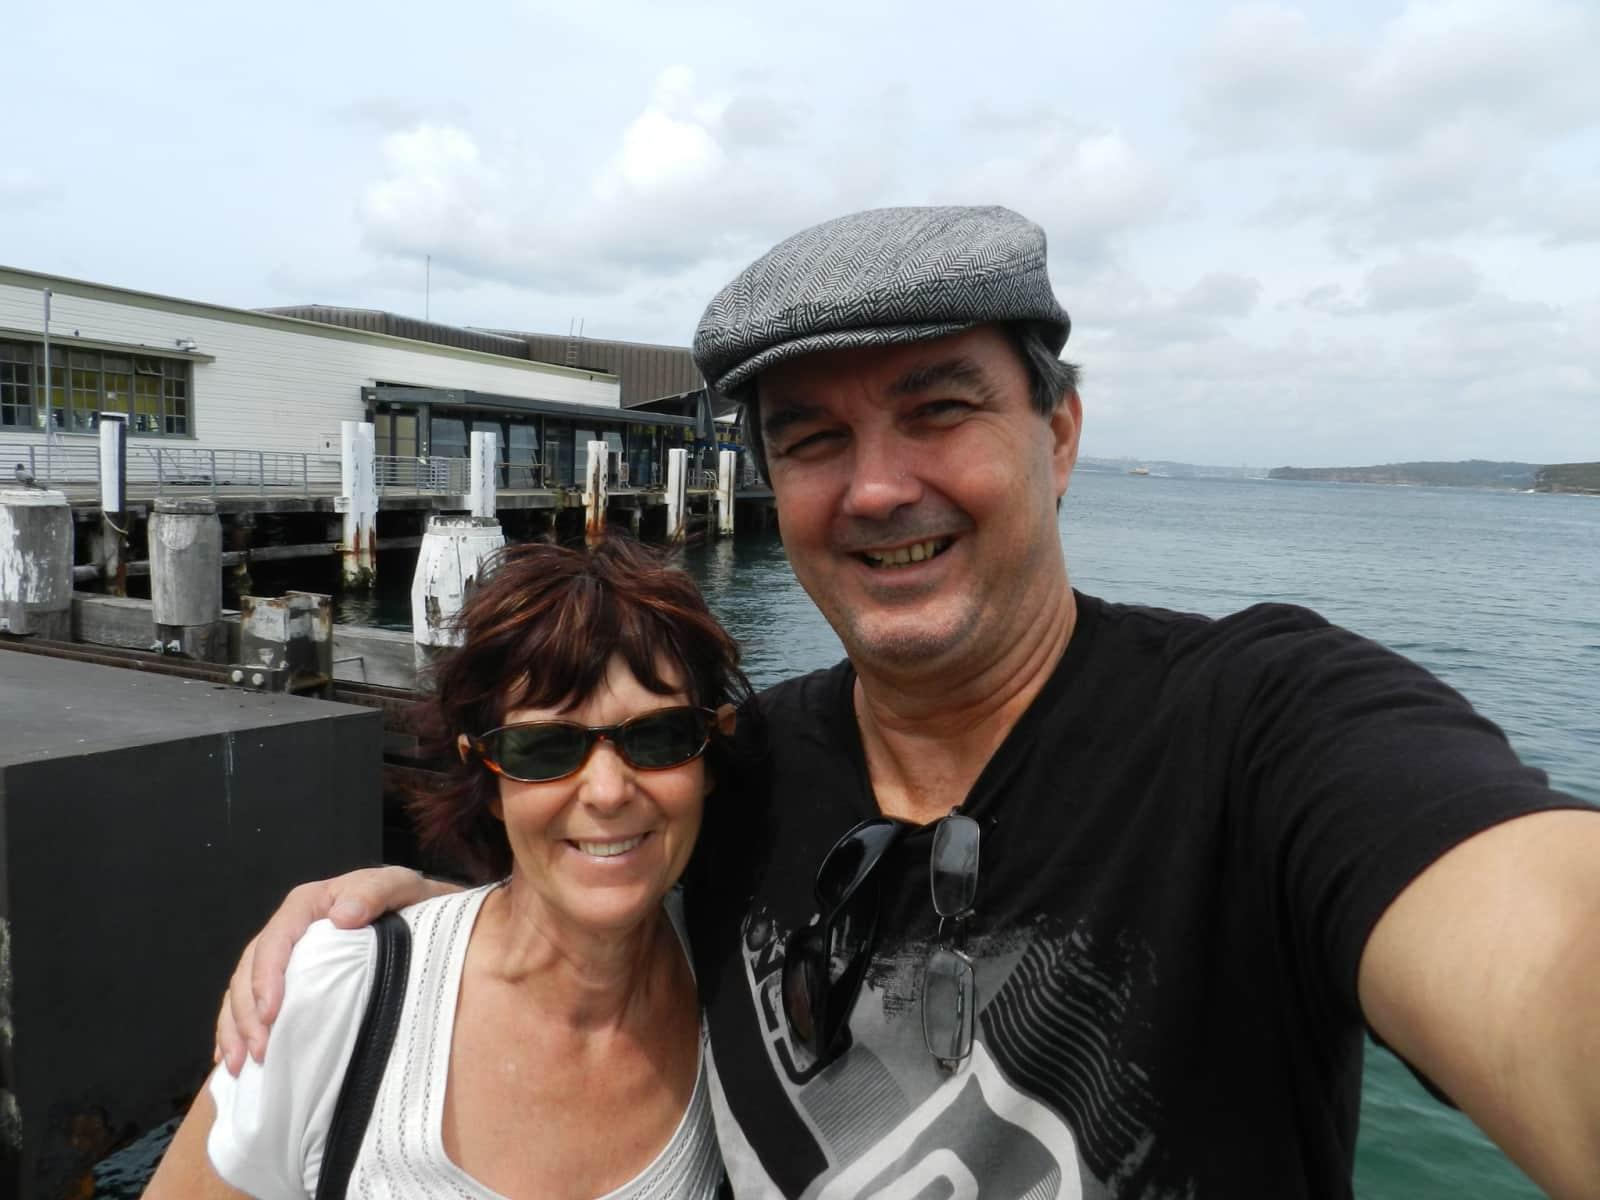 Susan & Roger from Franceix, France